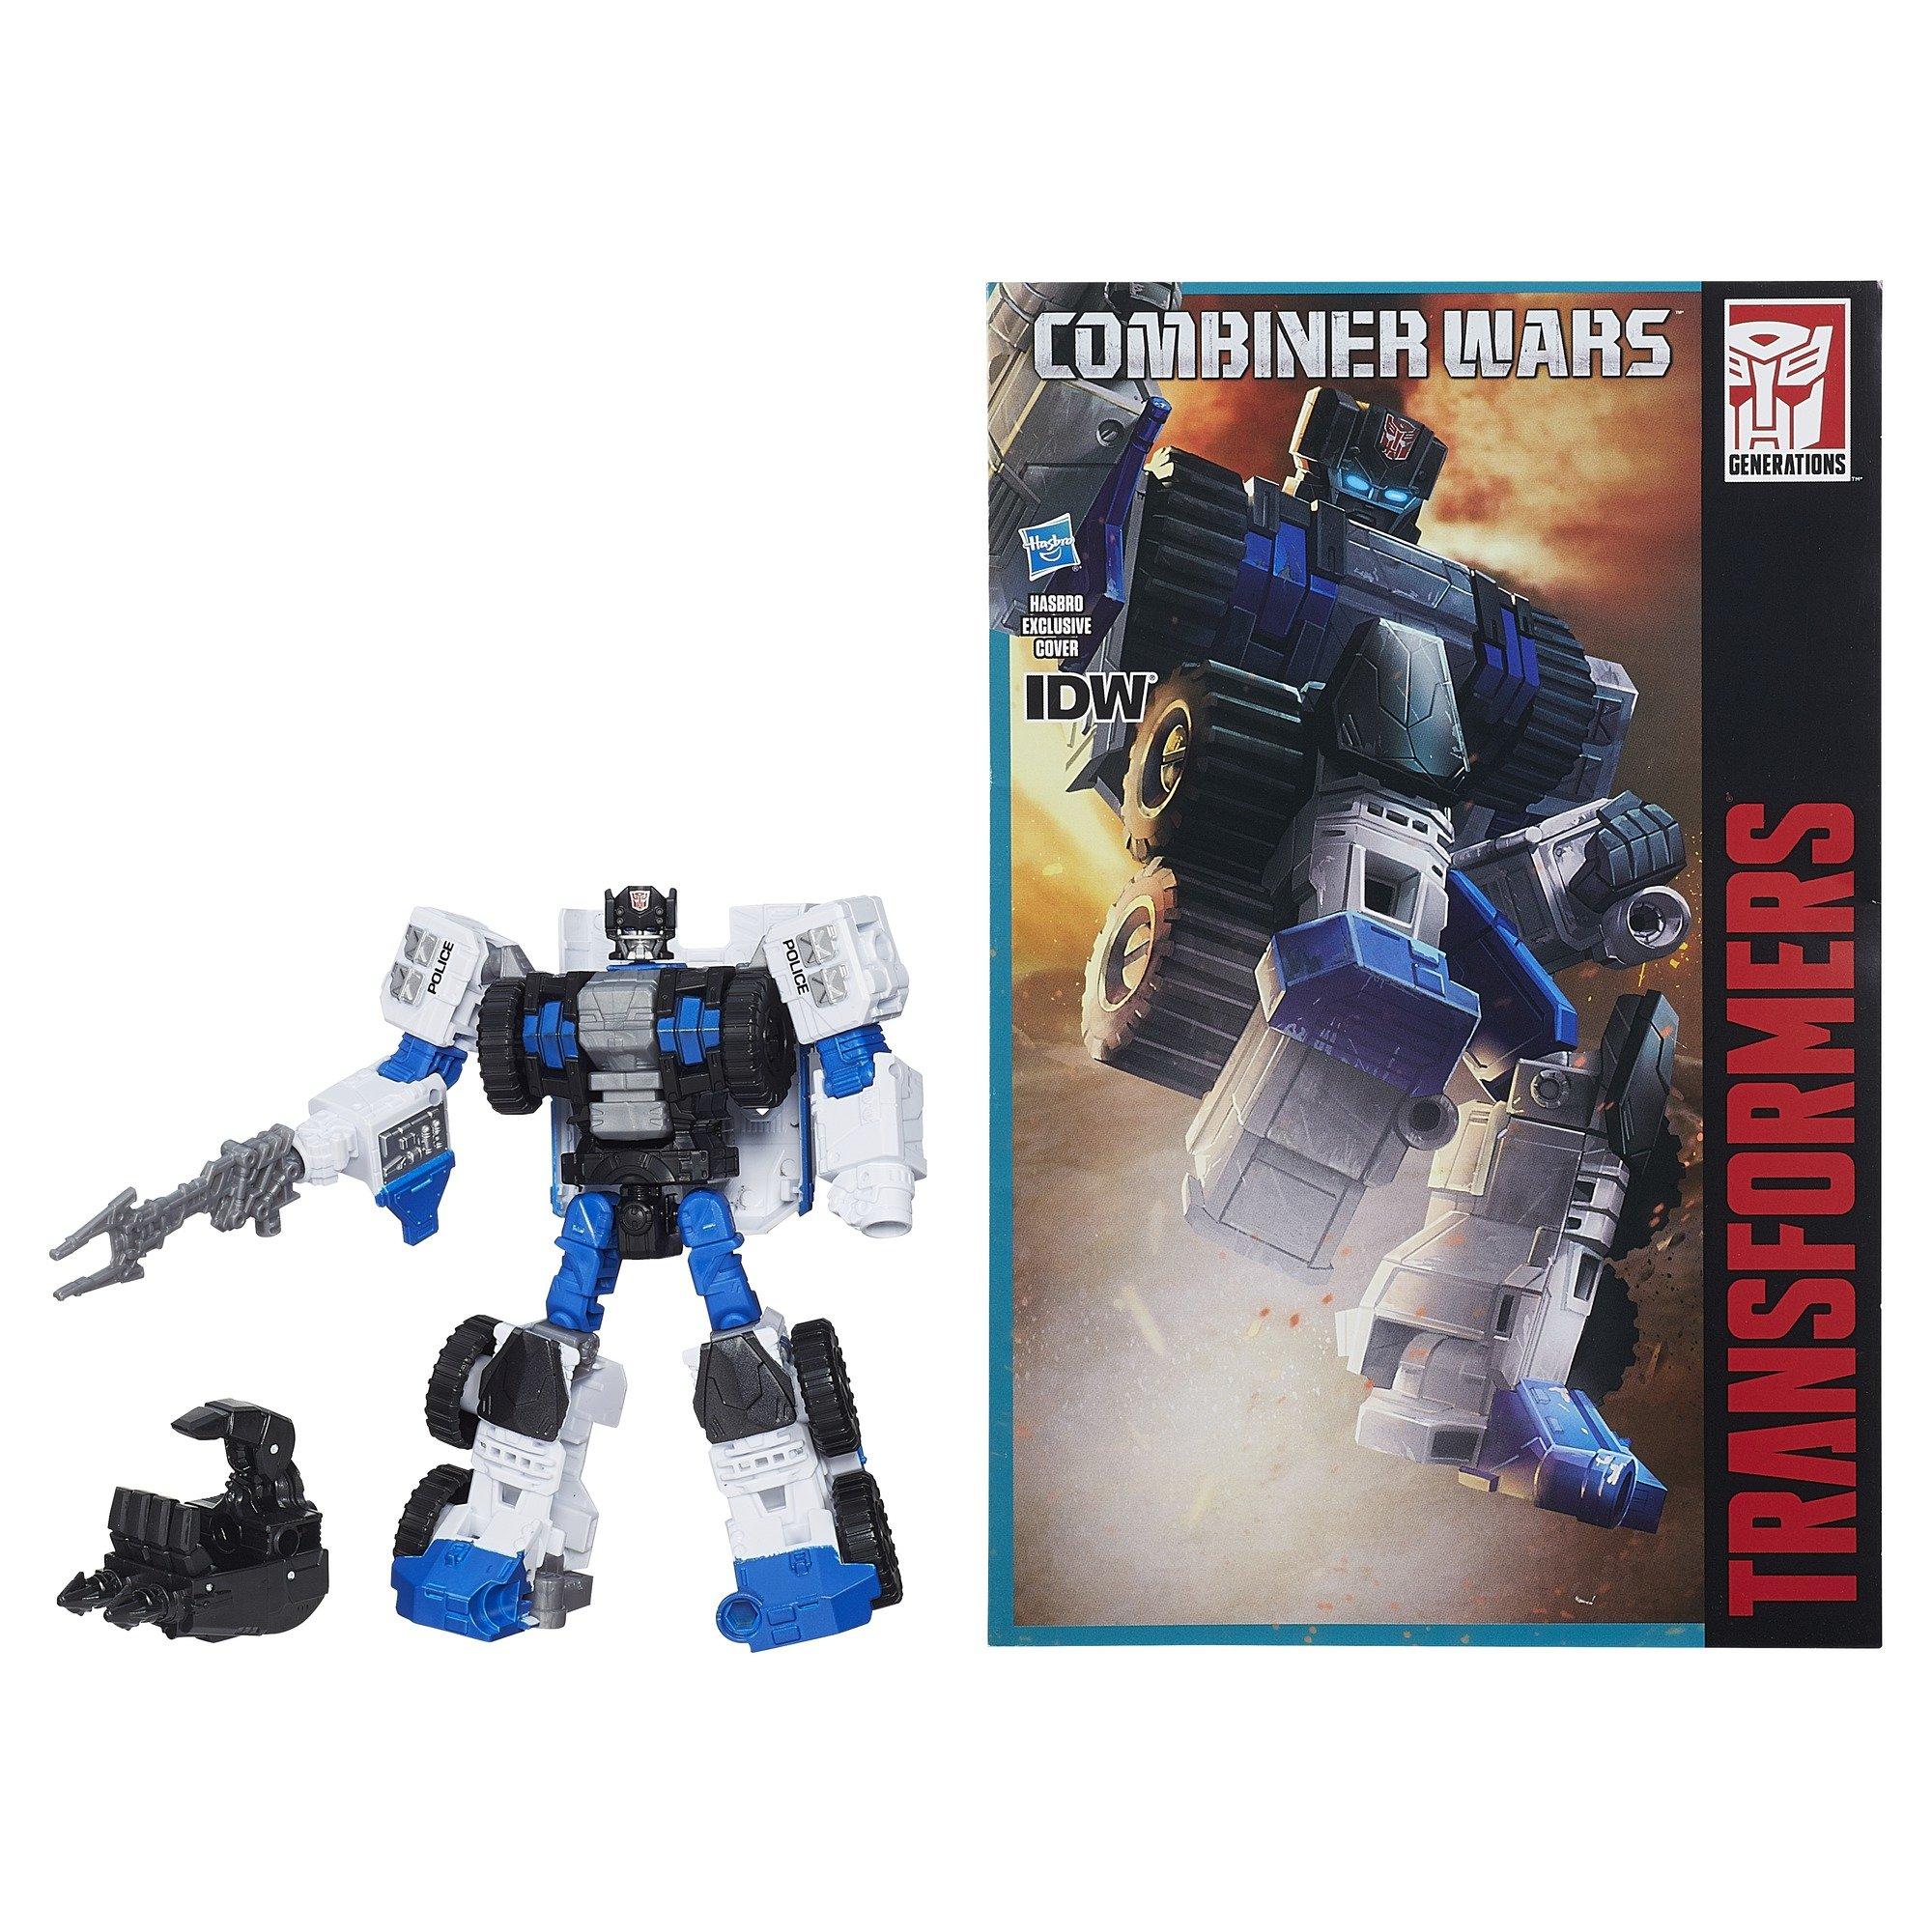 Transformers Generations Combiner Wars Deluxe Class Protectobot Rook Figure